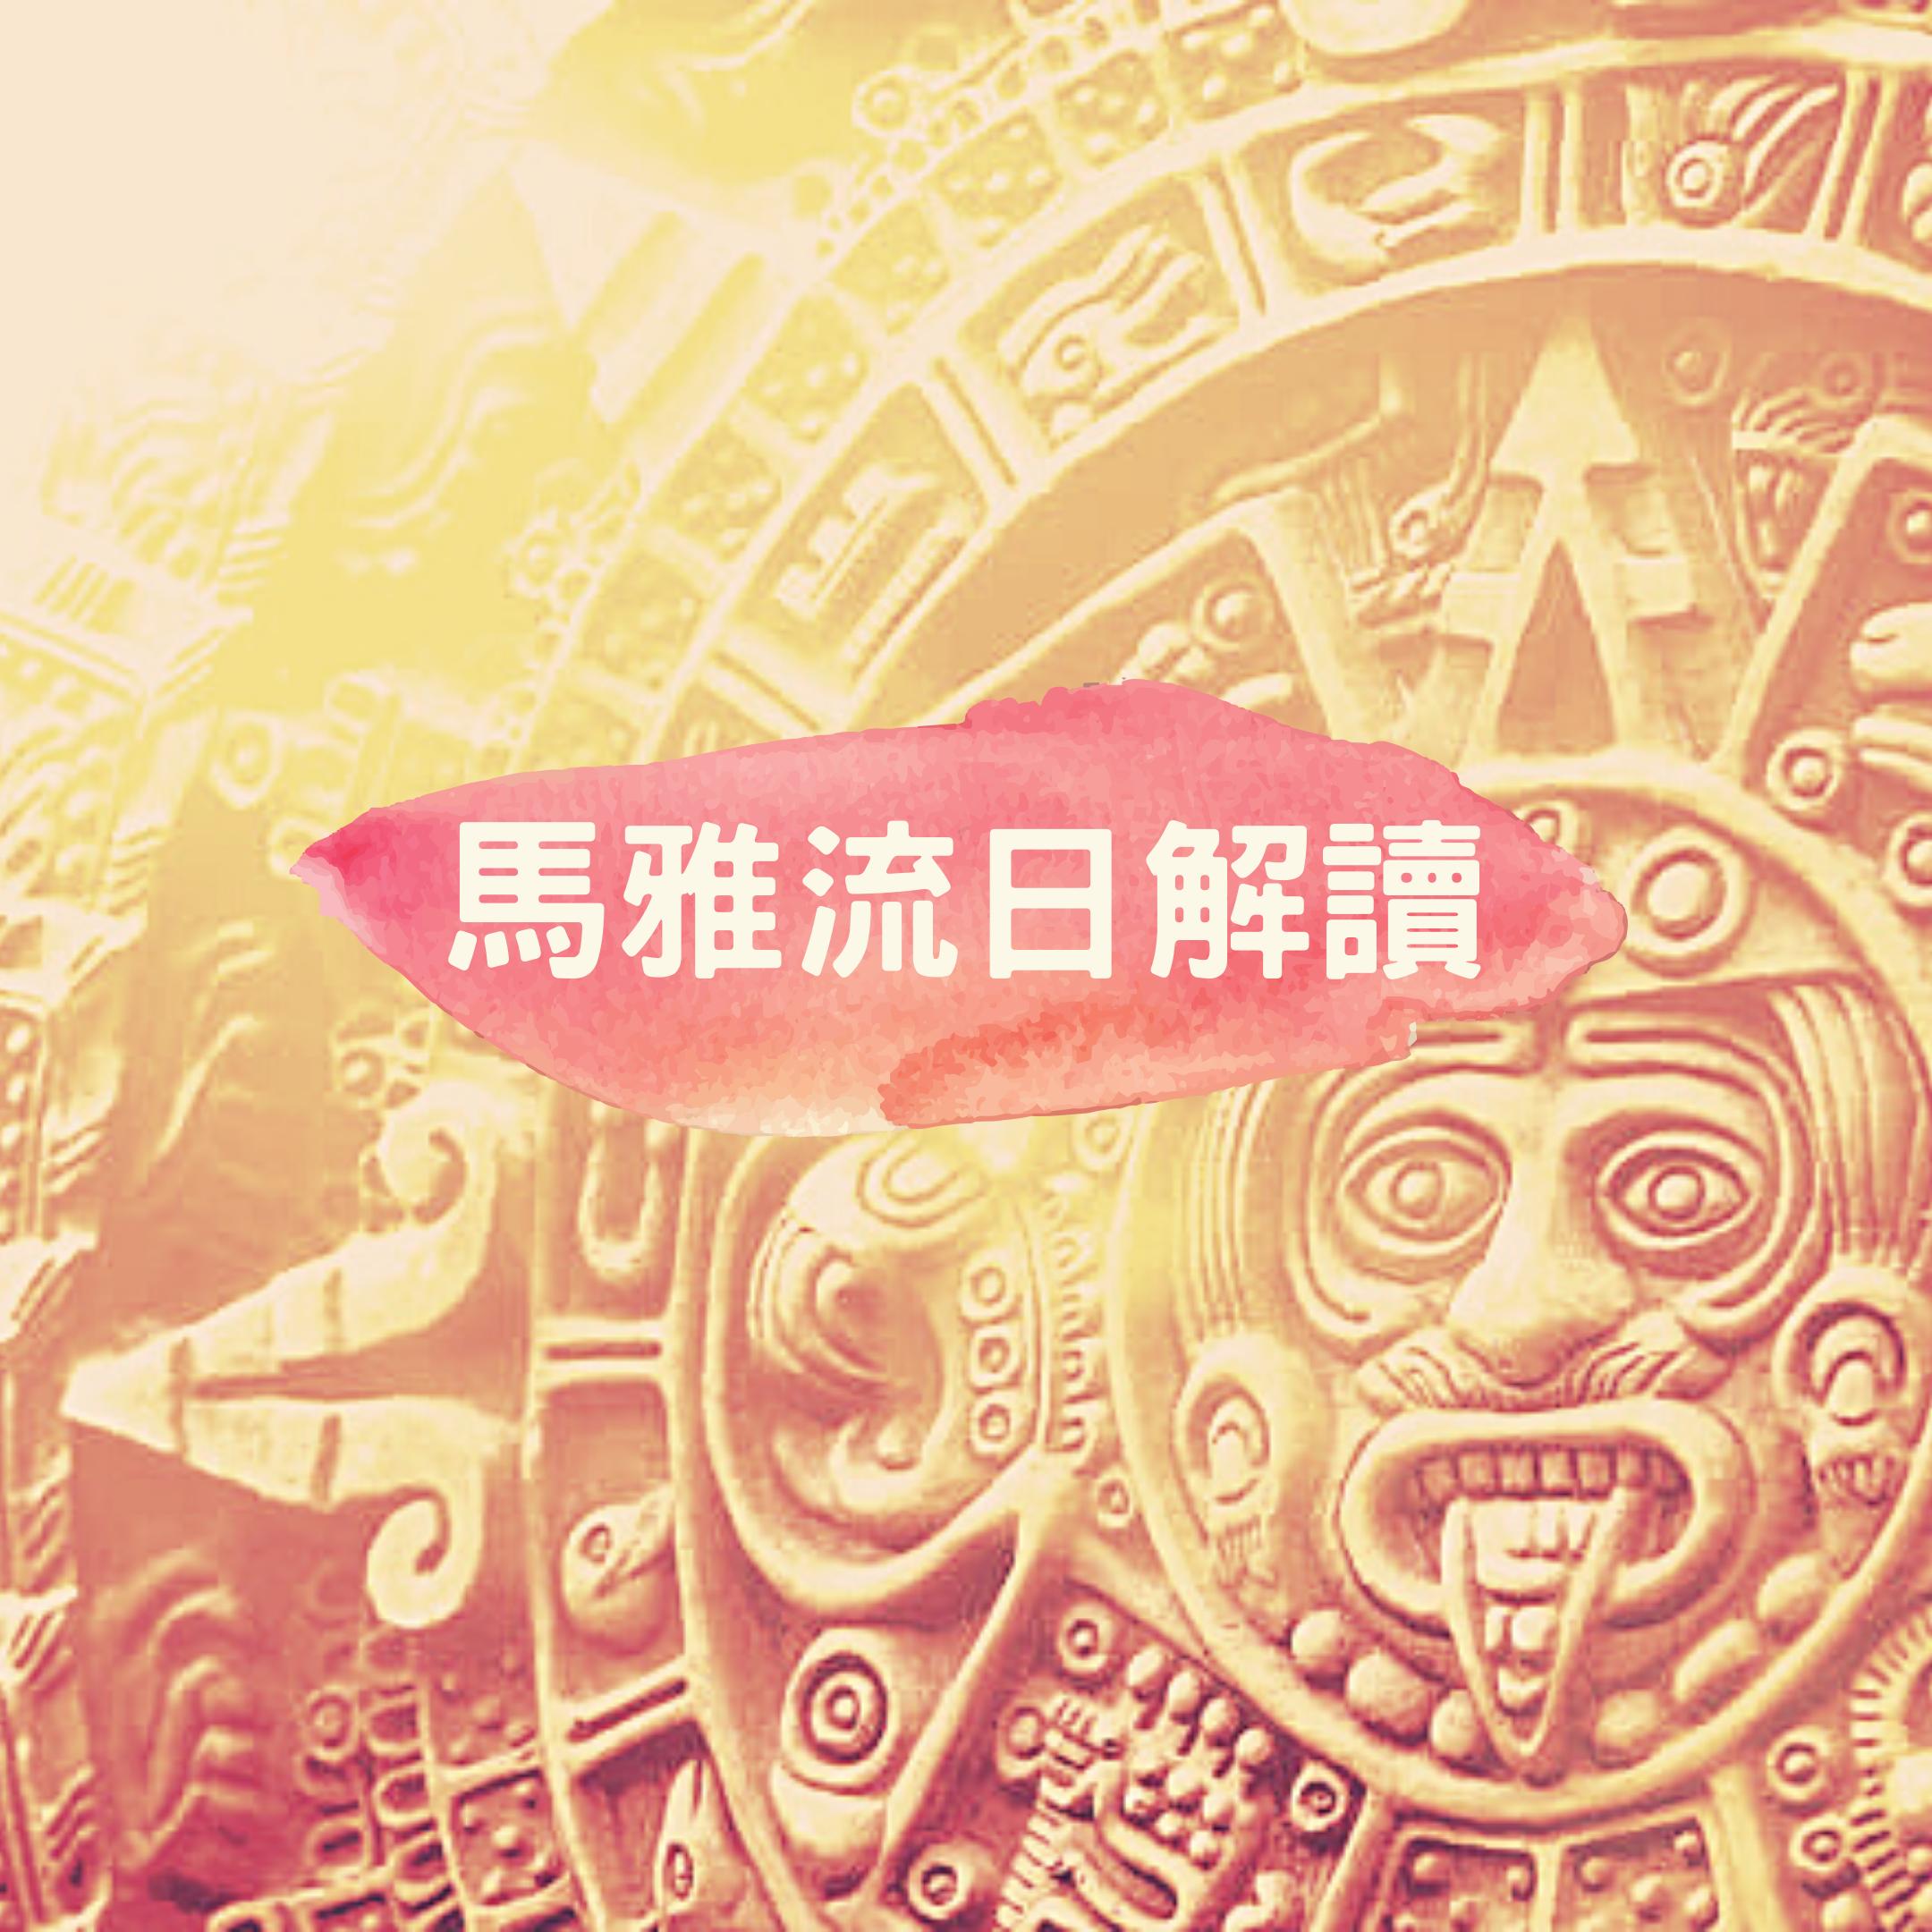 馬雅流日07.08|kin 101 行星紅龍